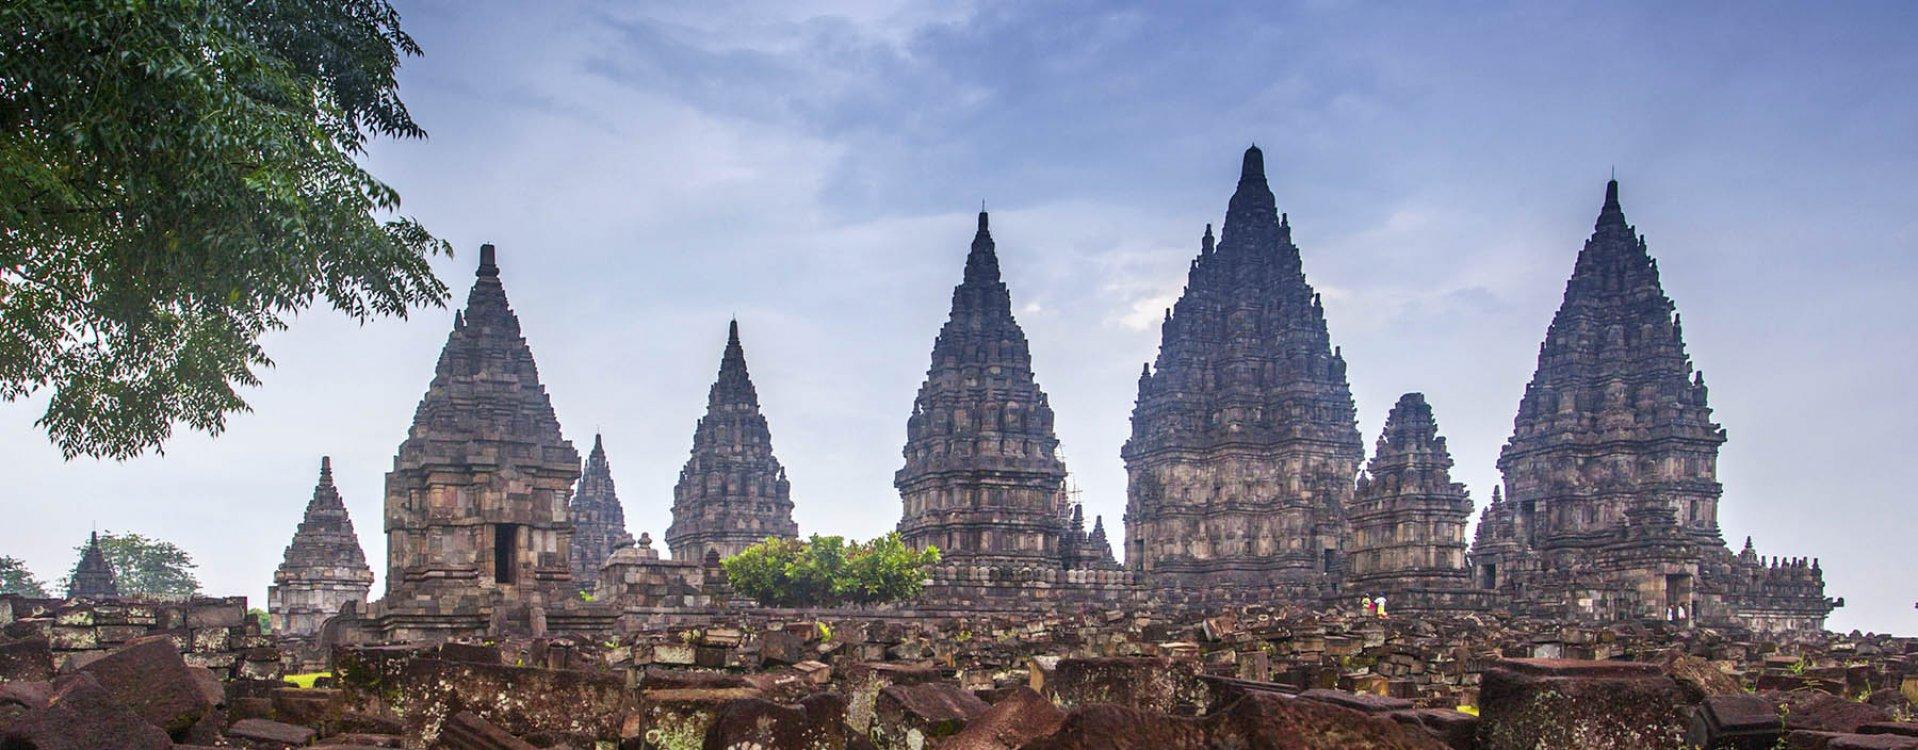 Candi Prambanan, Jogjakarta, Java